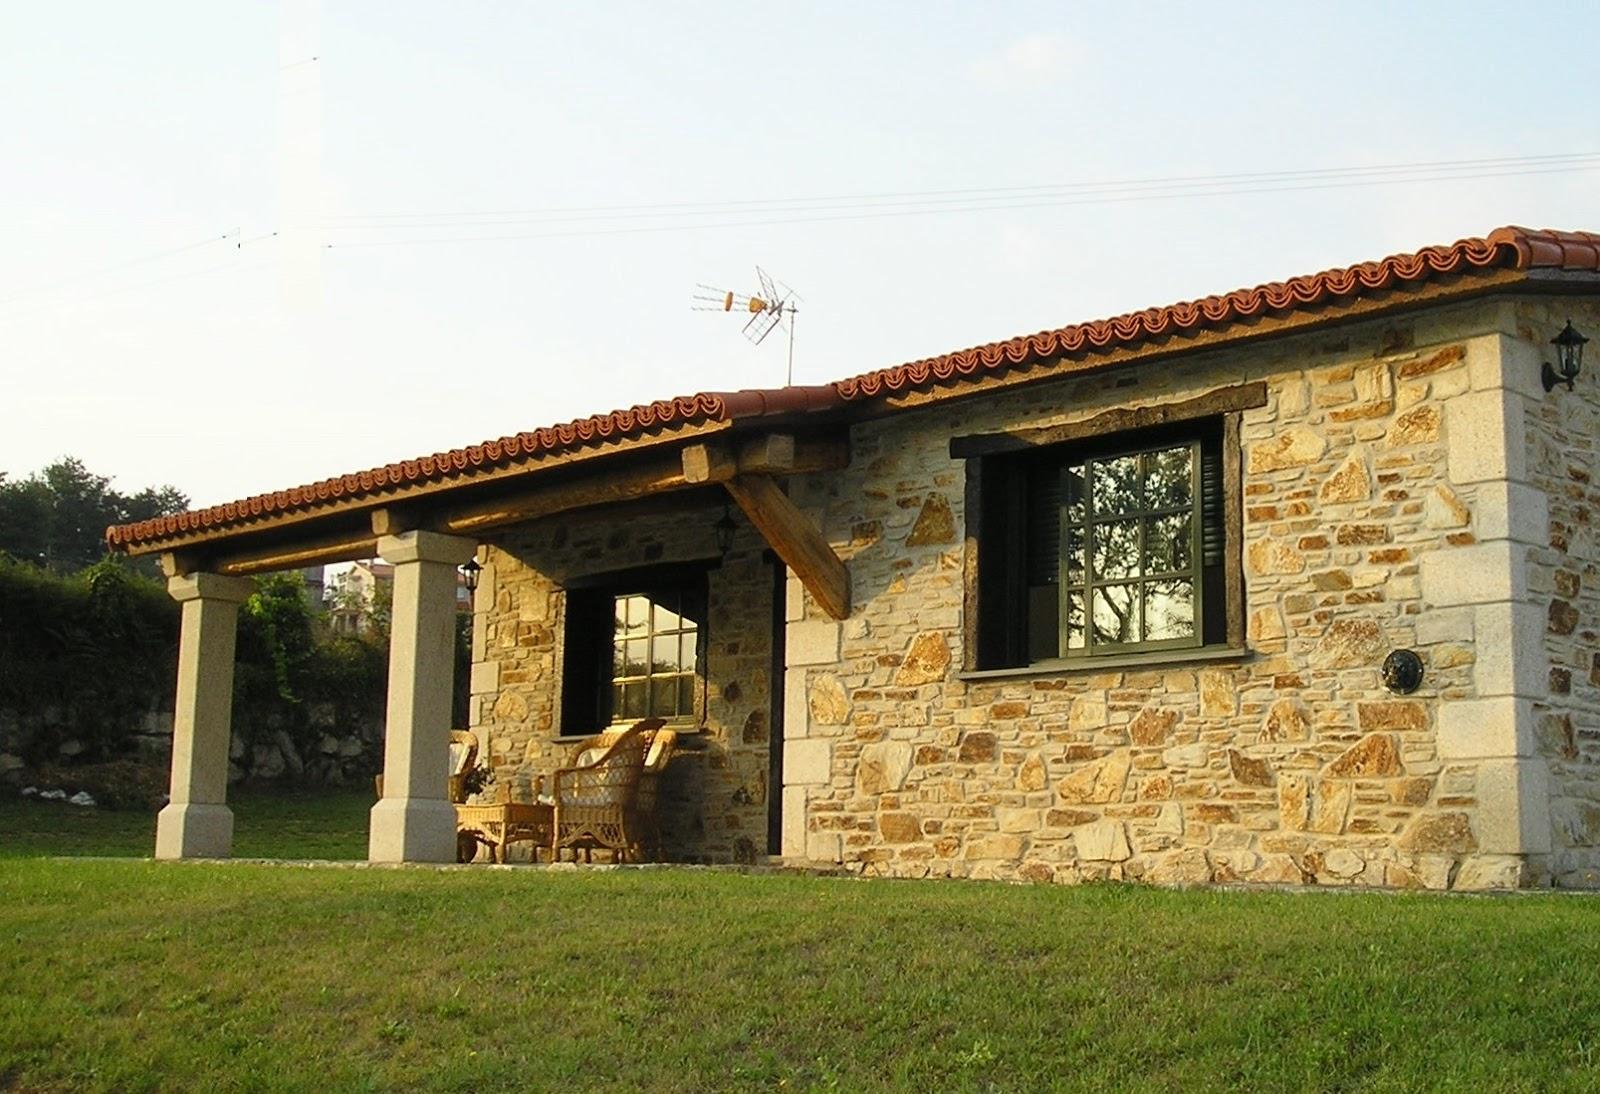 Construcciones r sticas gallegas placidez - Casas rusticas gallegas ...